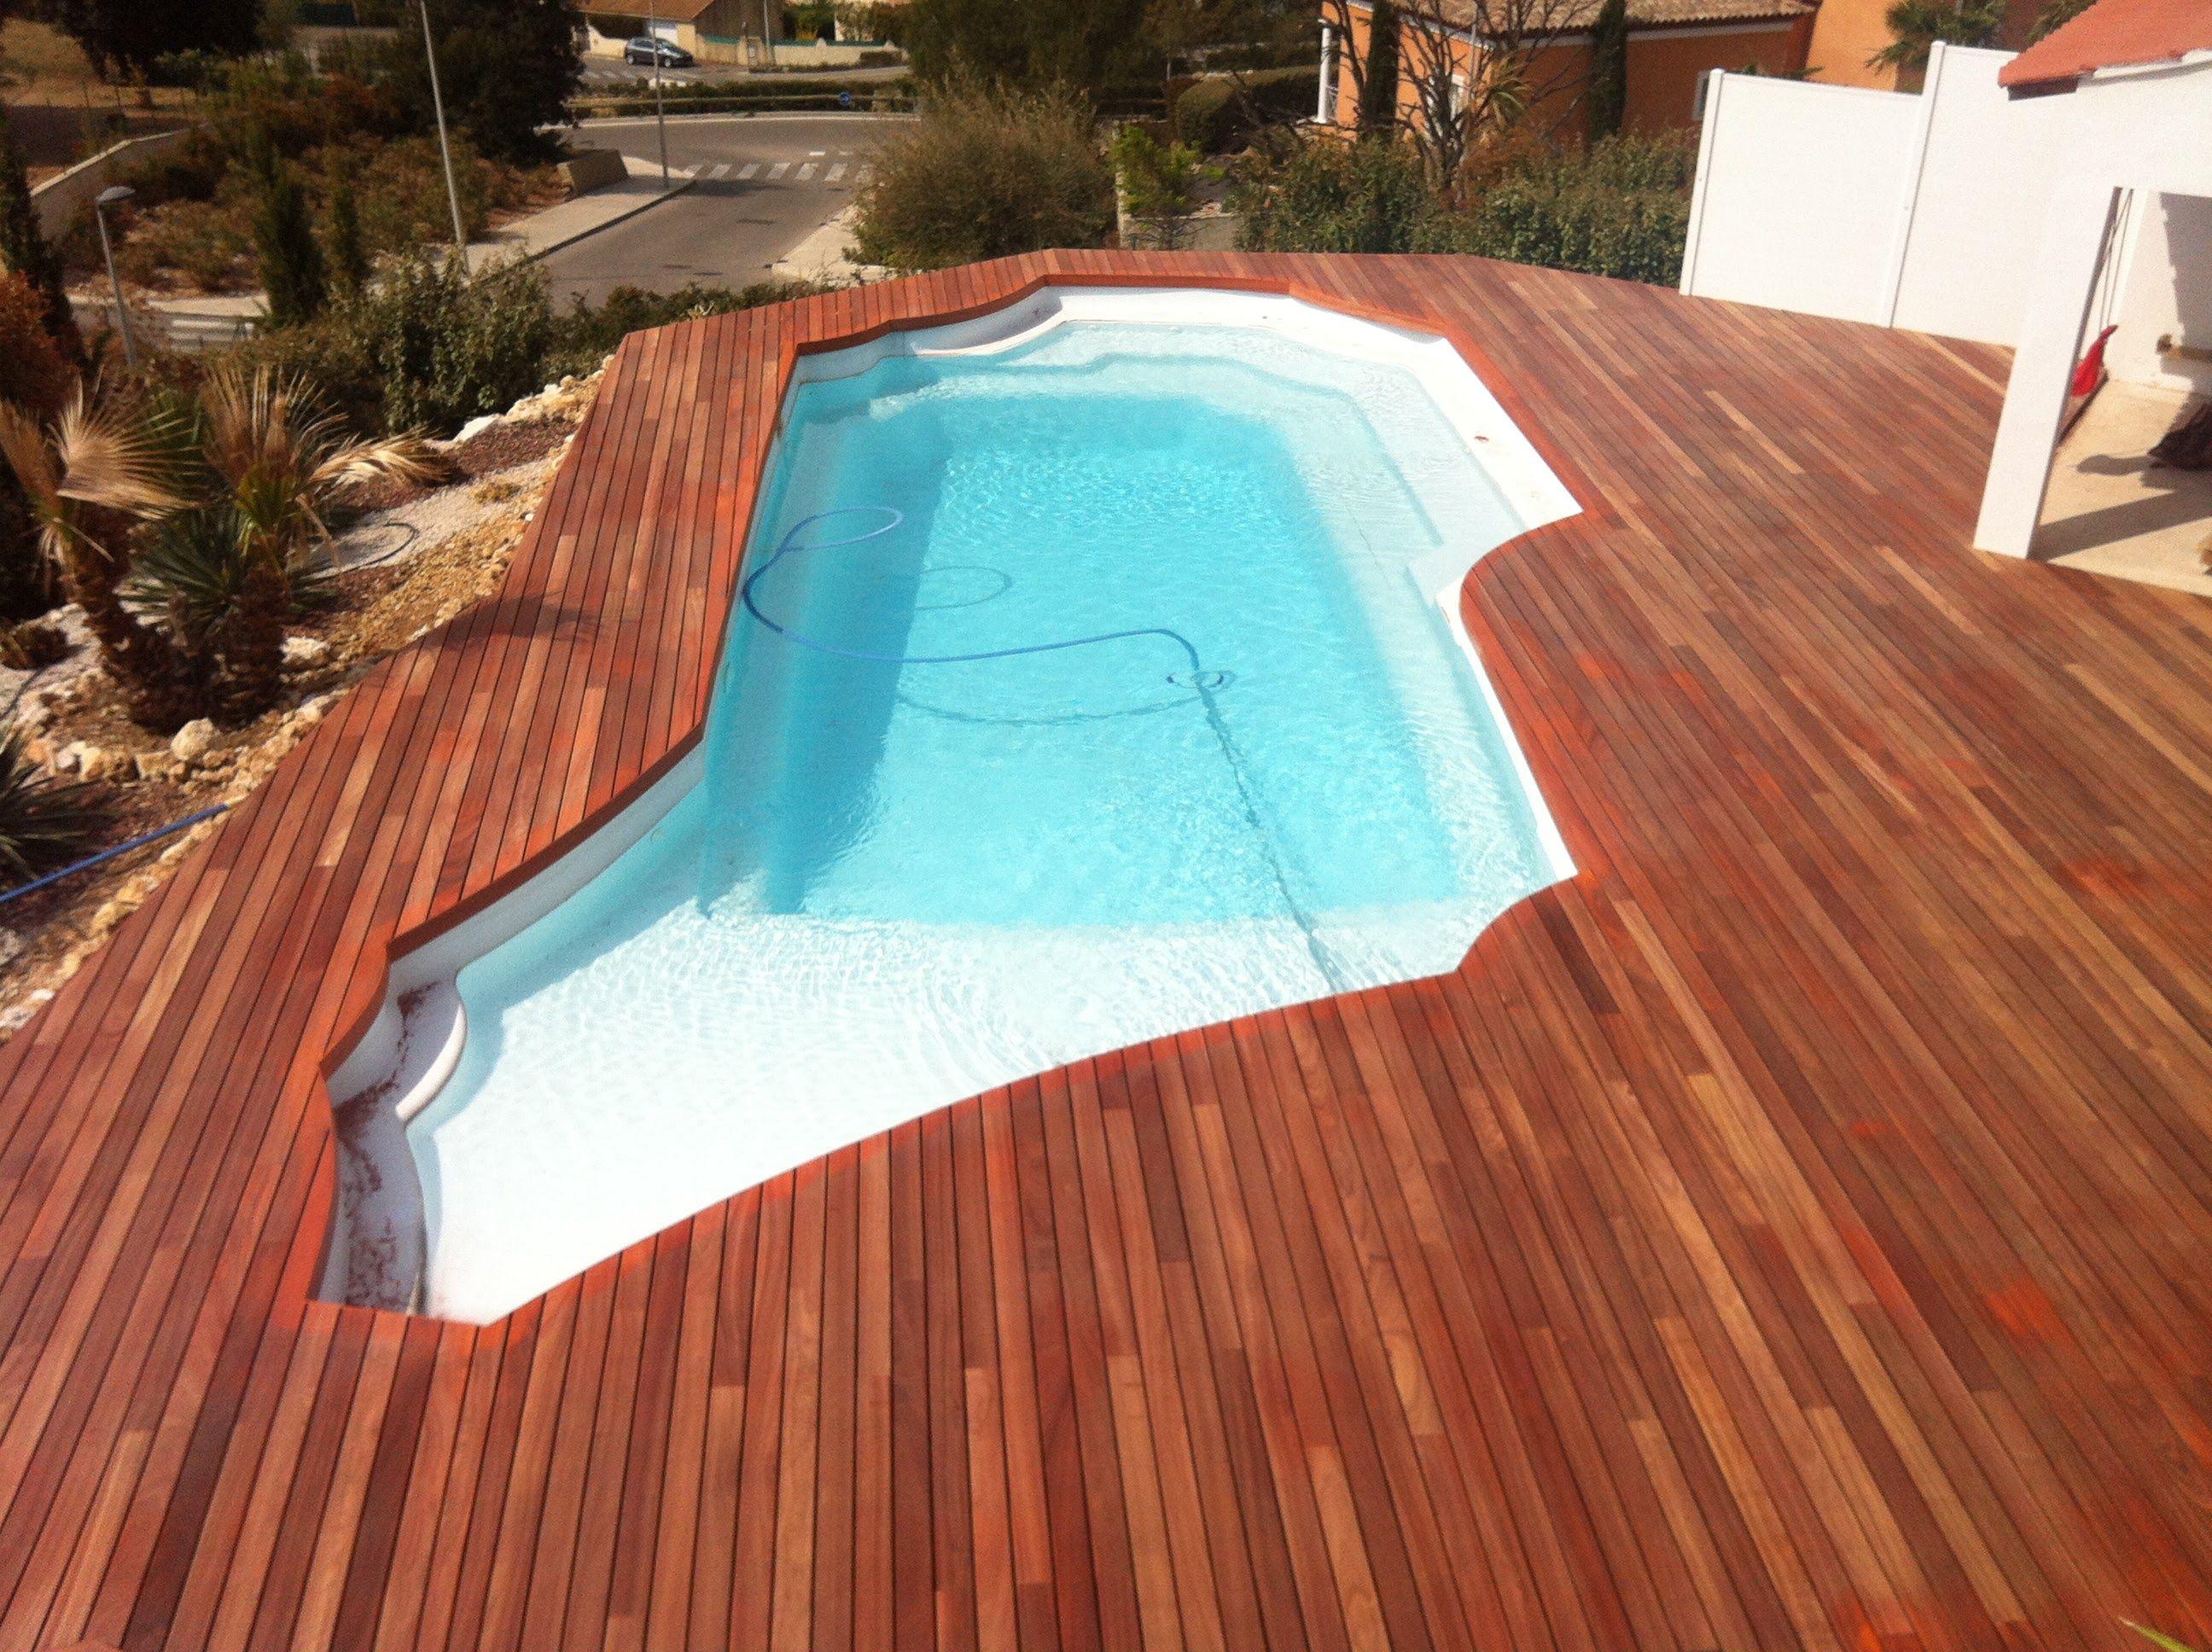 Am nagement de terrasse de piscine en bois exotique padouk - Cache angle margelle piscine bois ...